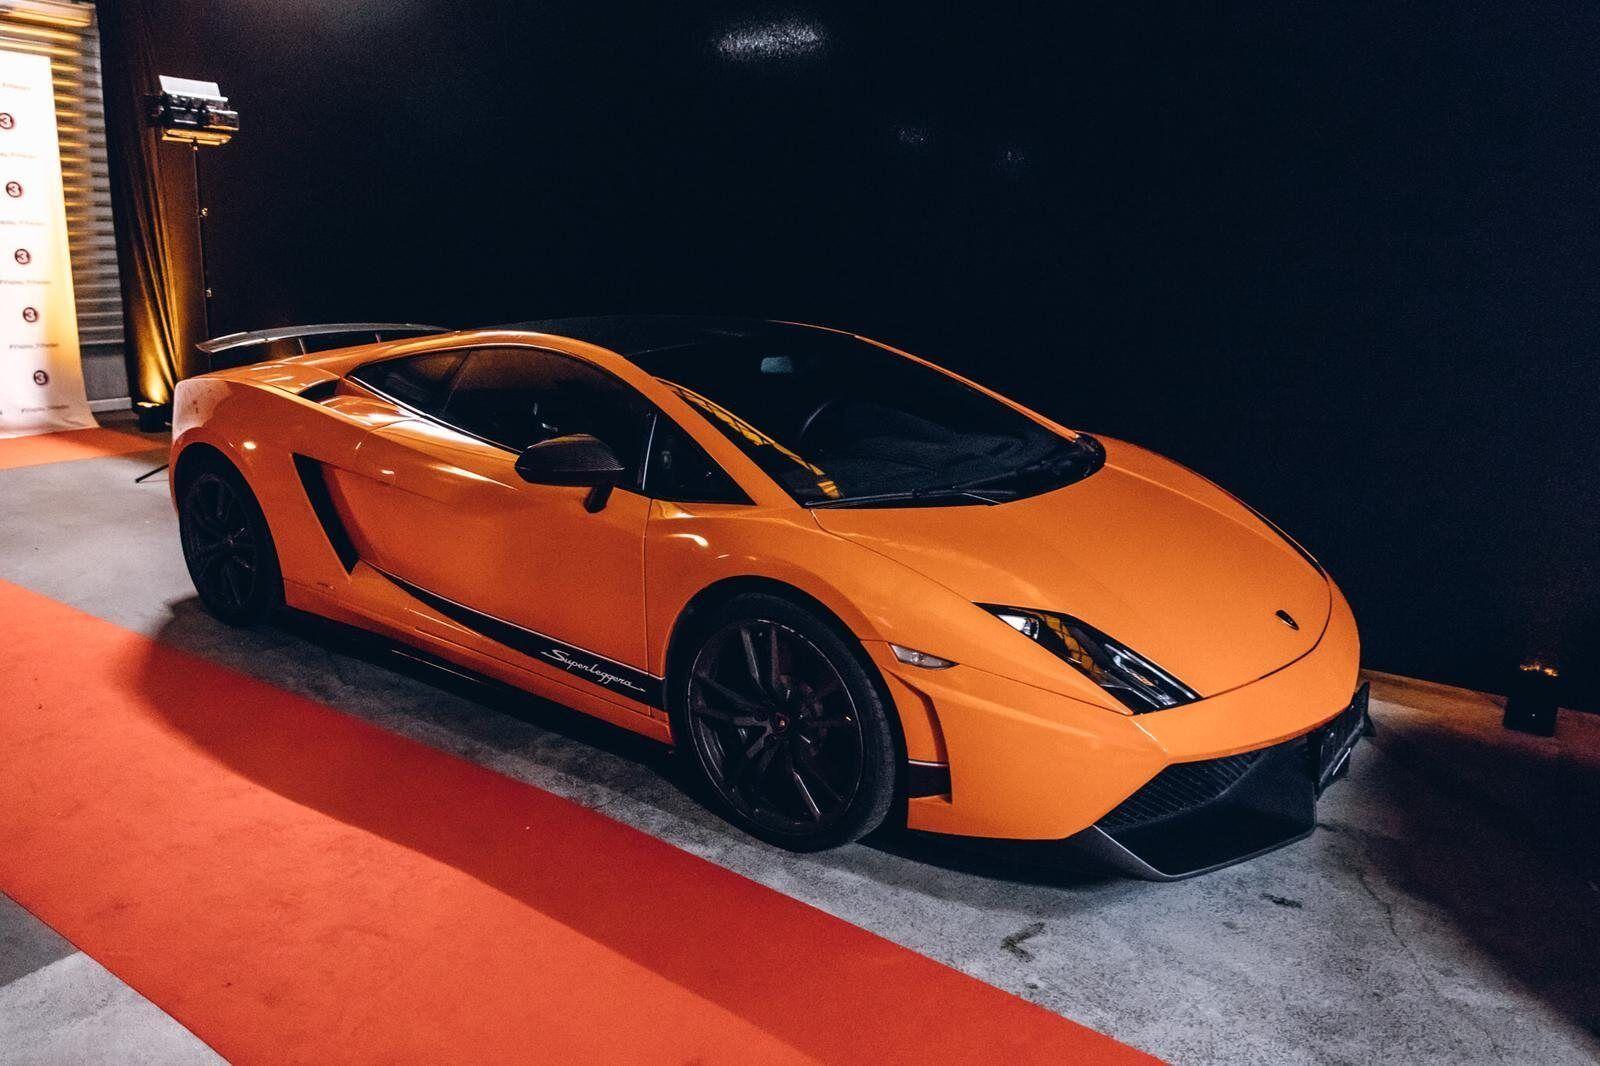 Lamborghini Gallardo 5,2 LP 570-4 Superleggerra E-g. 2d